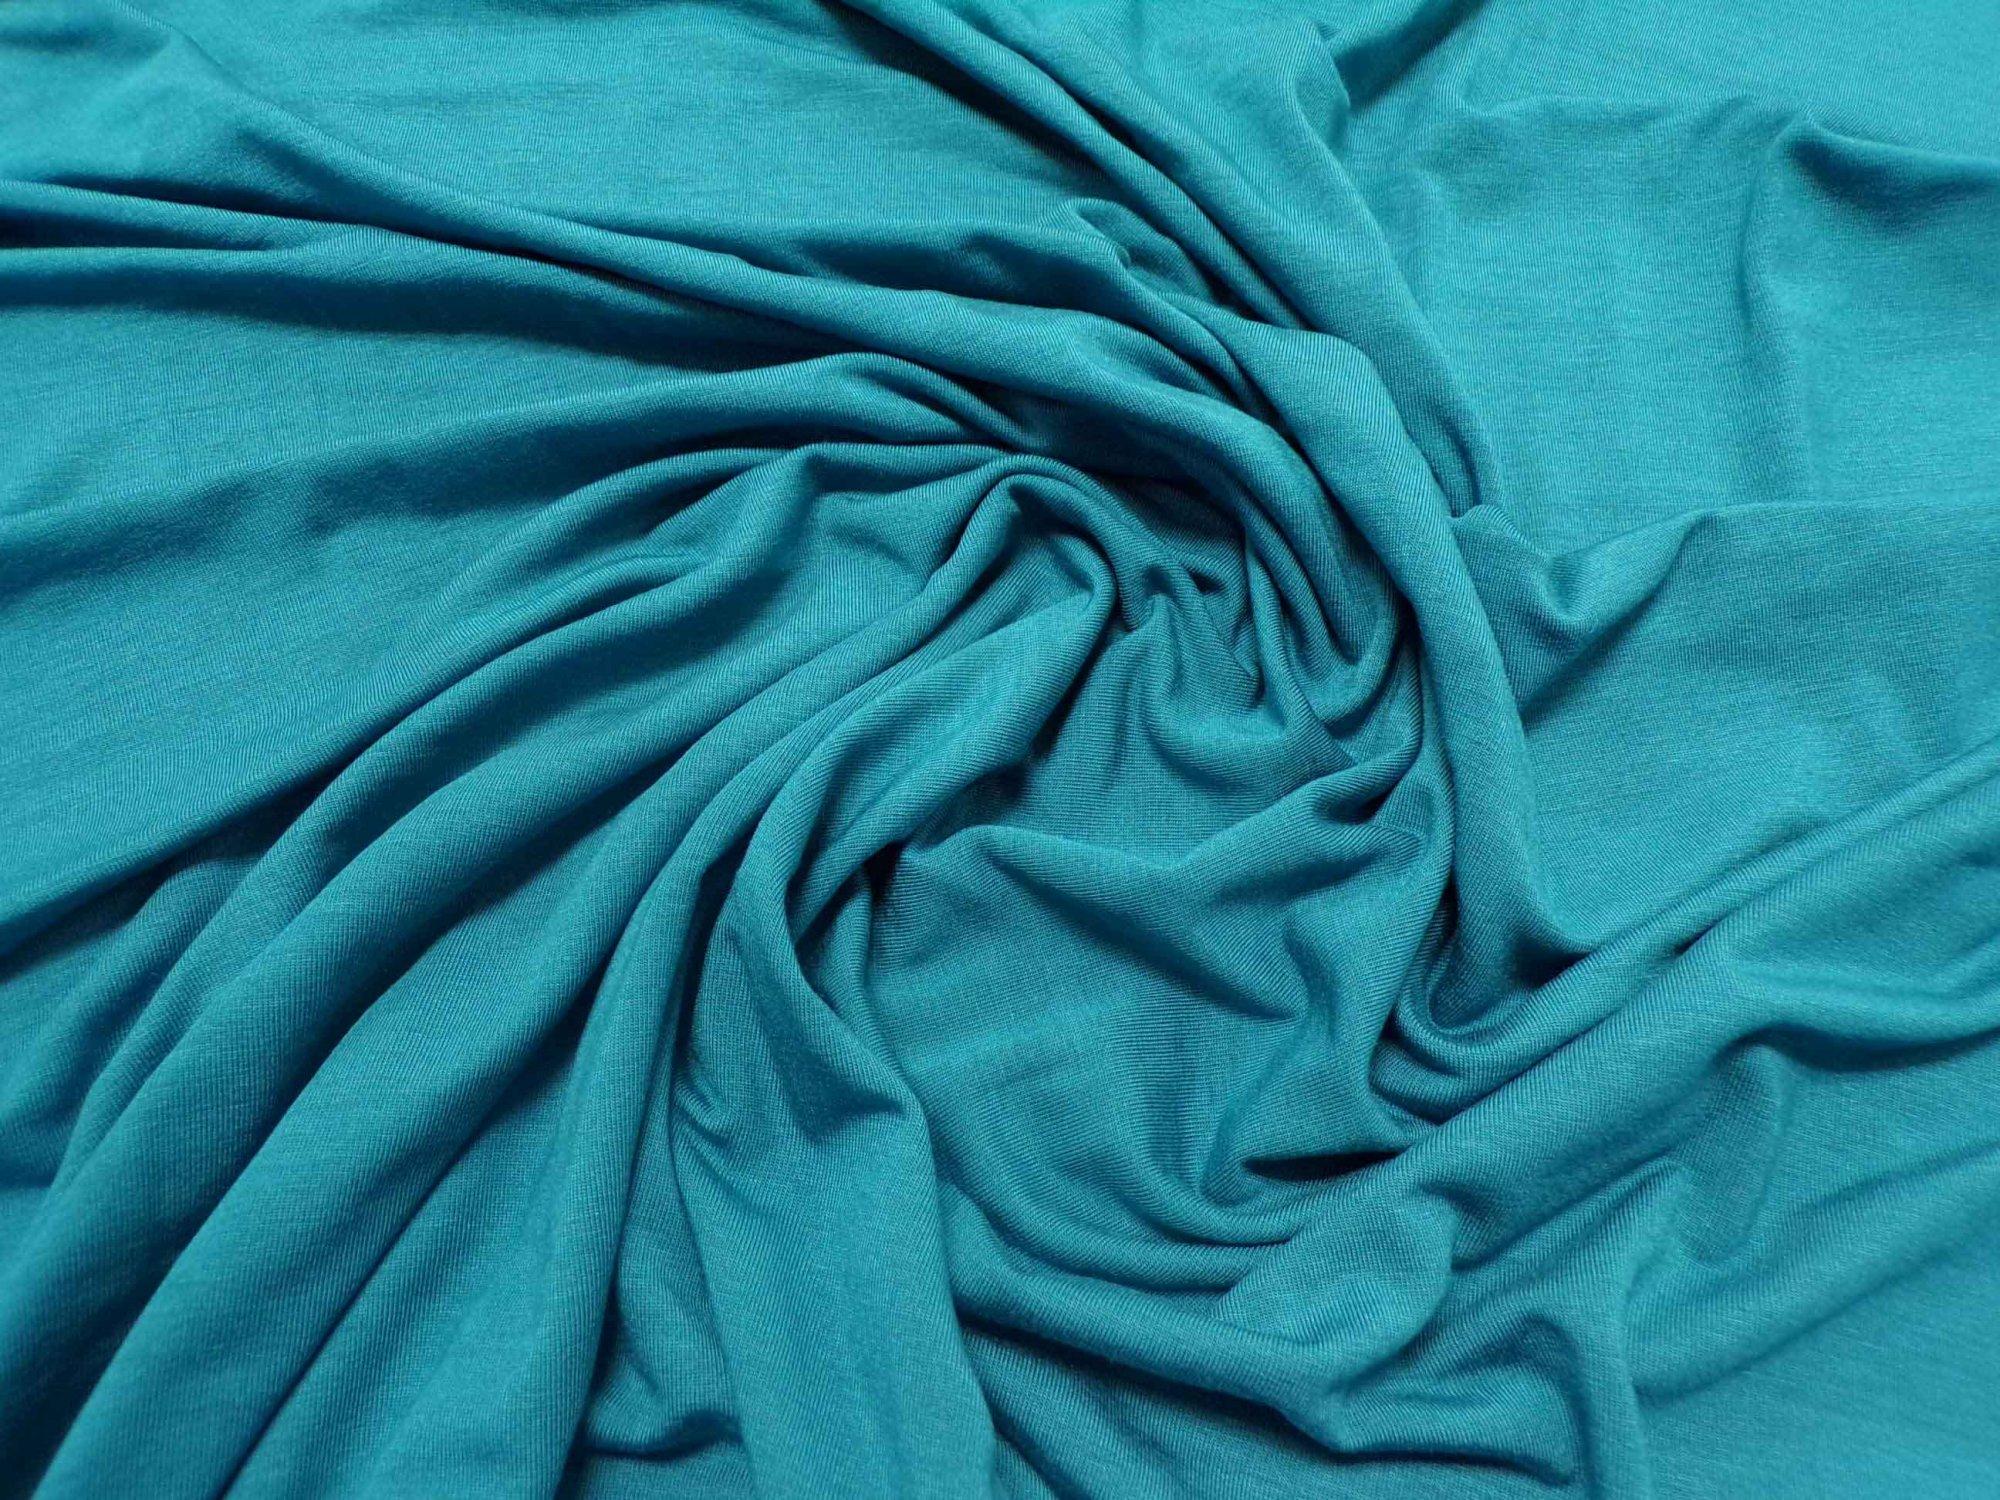 Lightweight Modal Lycra Jersey - Dark Teal